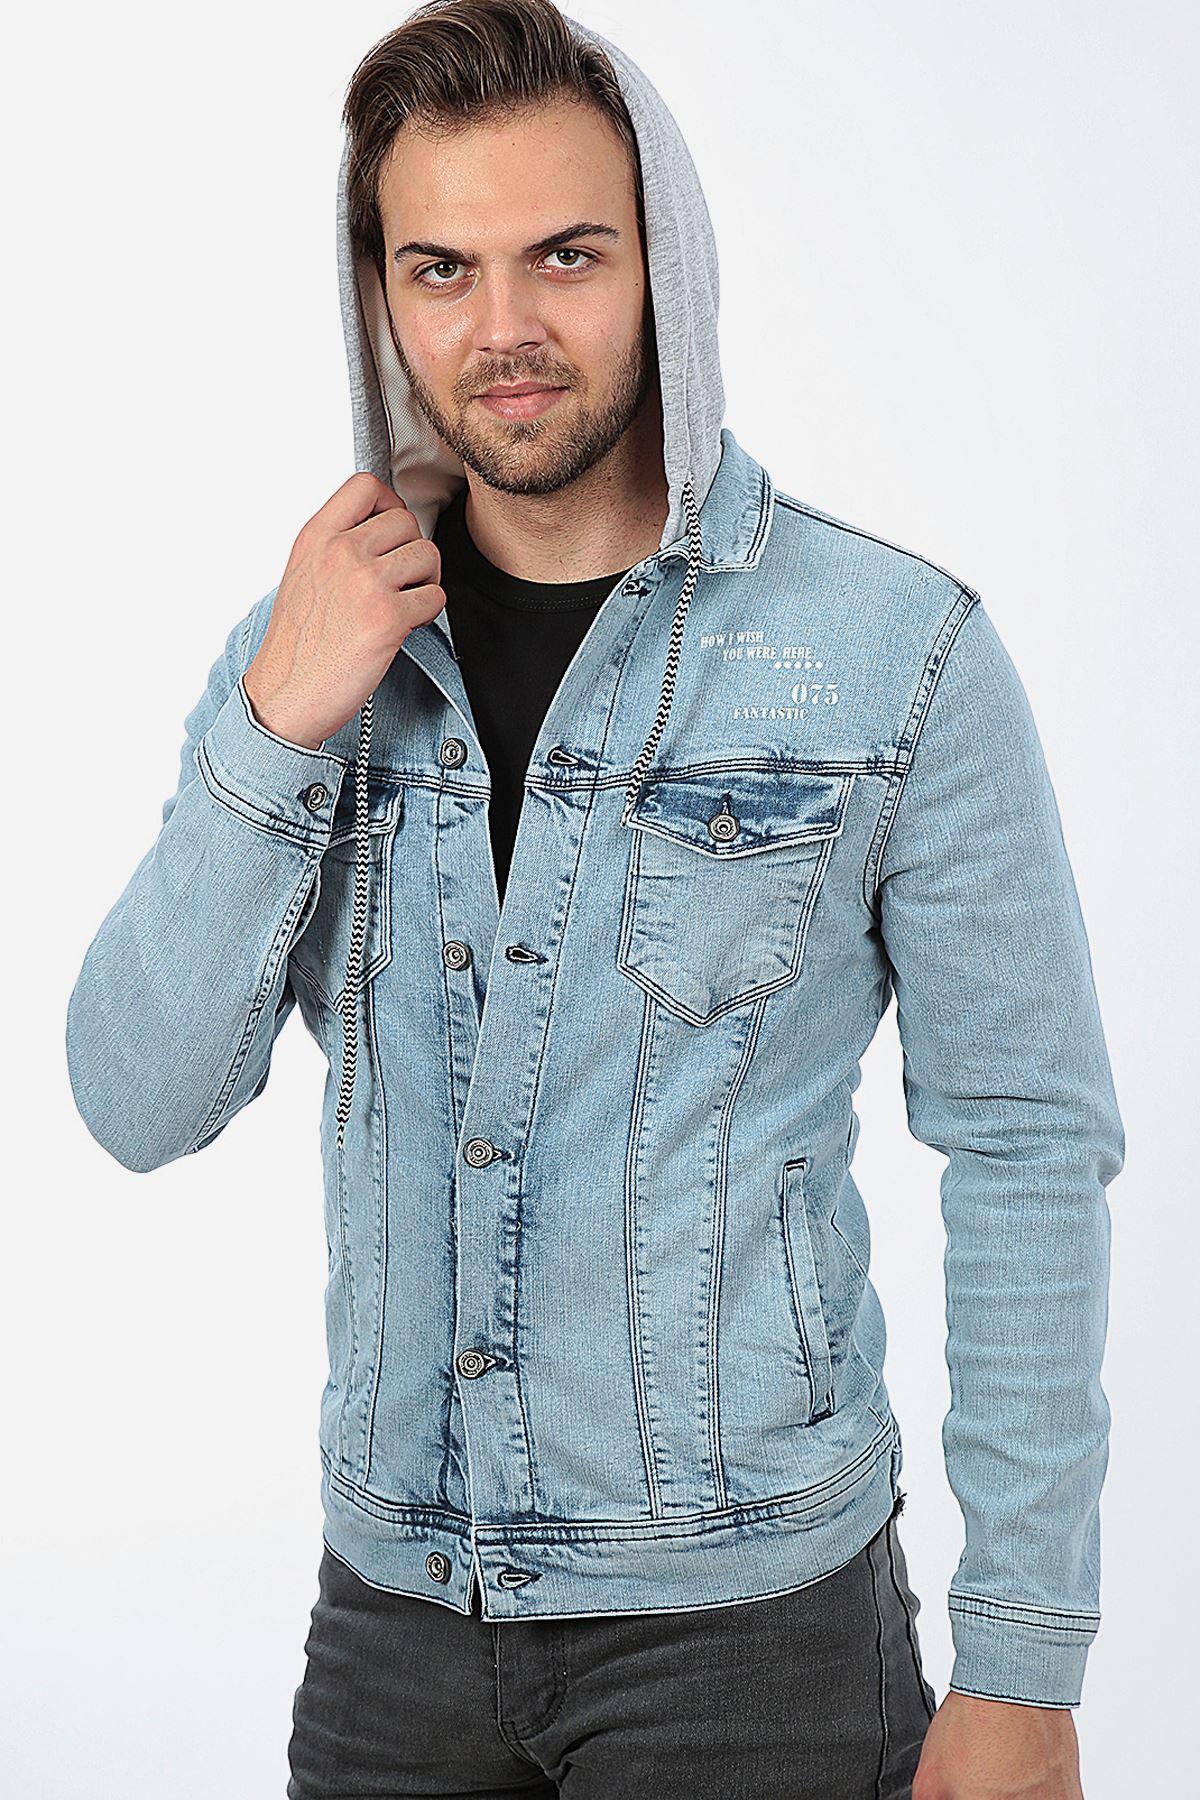 Erkek Kapüşonlu Yıpratmalı Buz Mavi Baskılı Yıkamalı Kot Ceket